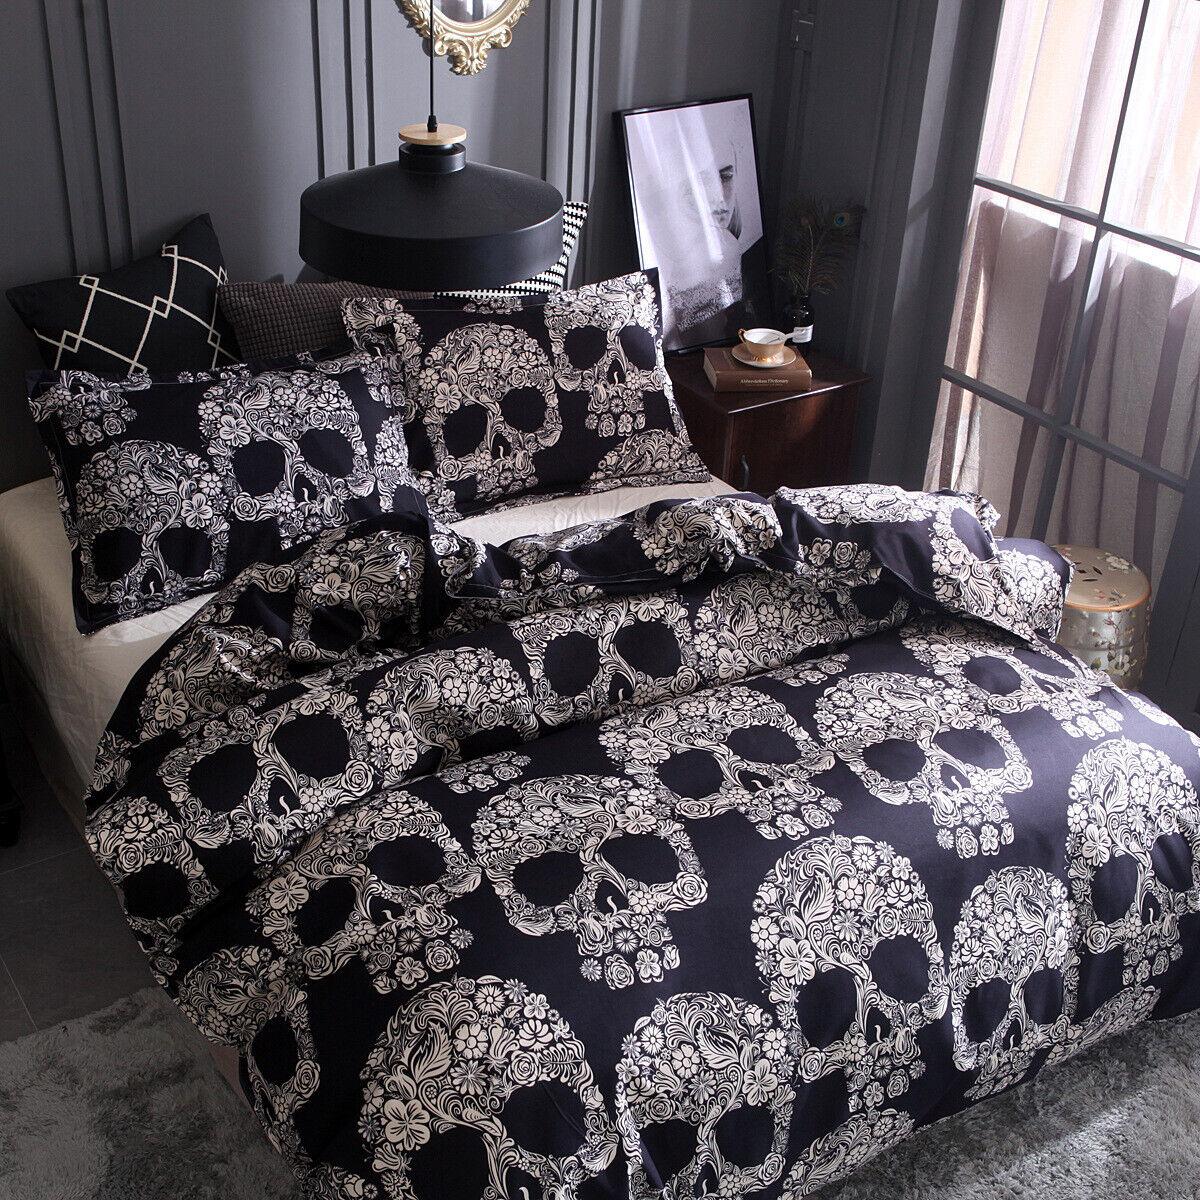 Floral Surgar Skull Duvet Quilt Cover Gothic Comforter Bedding Set Pillowcases